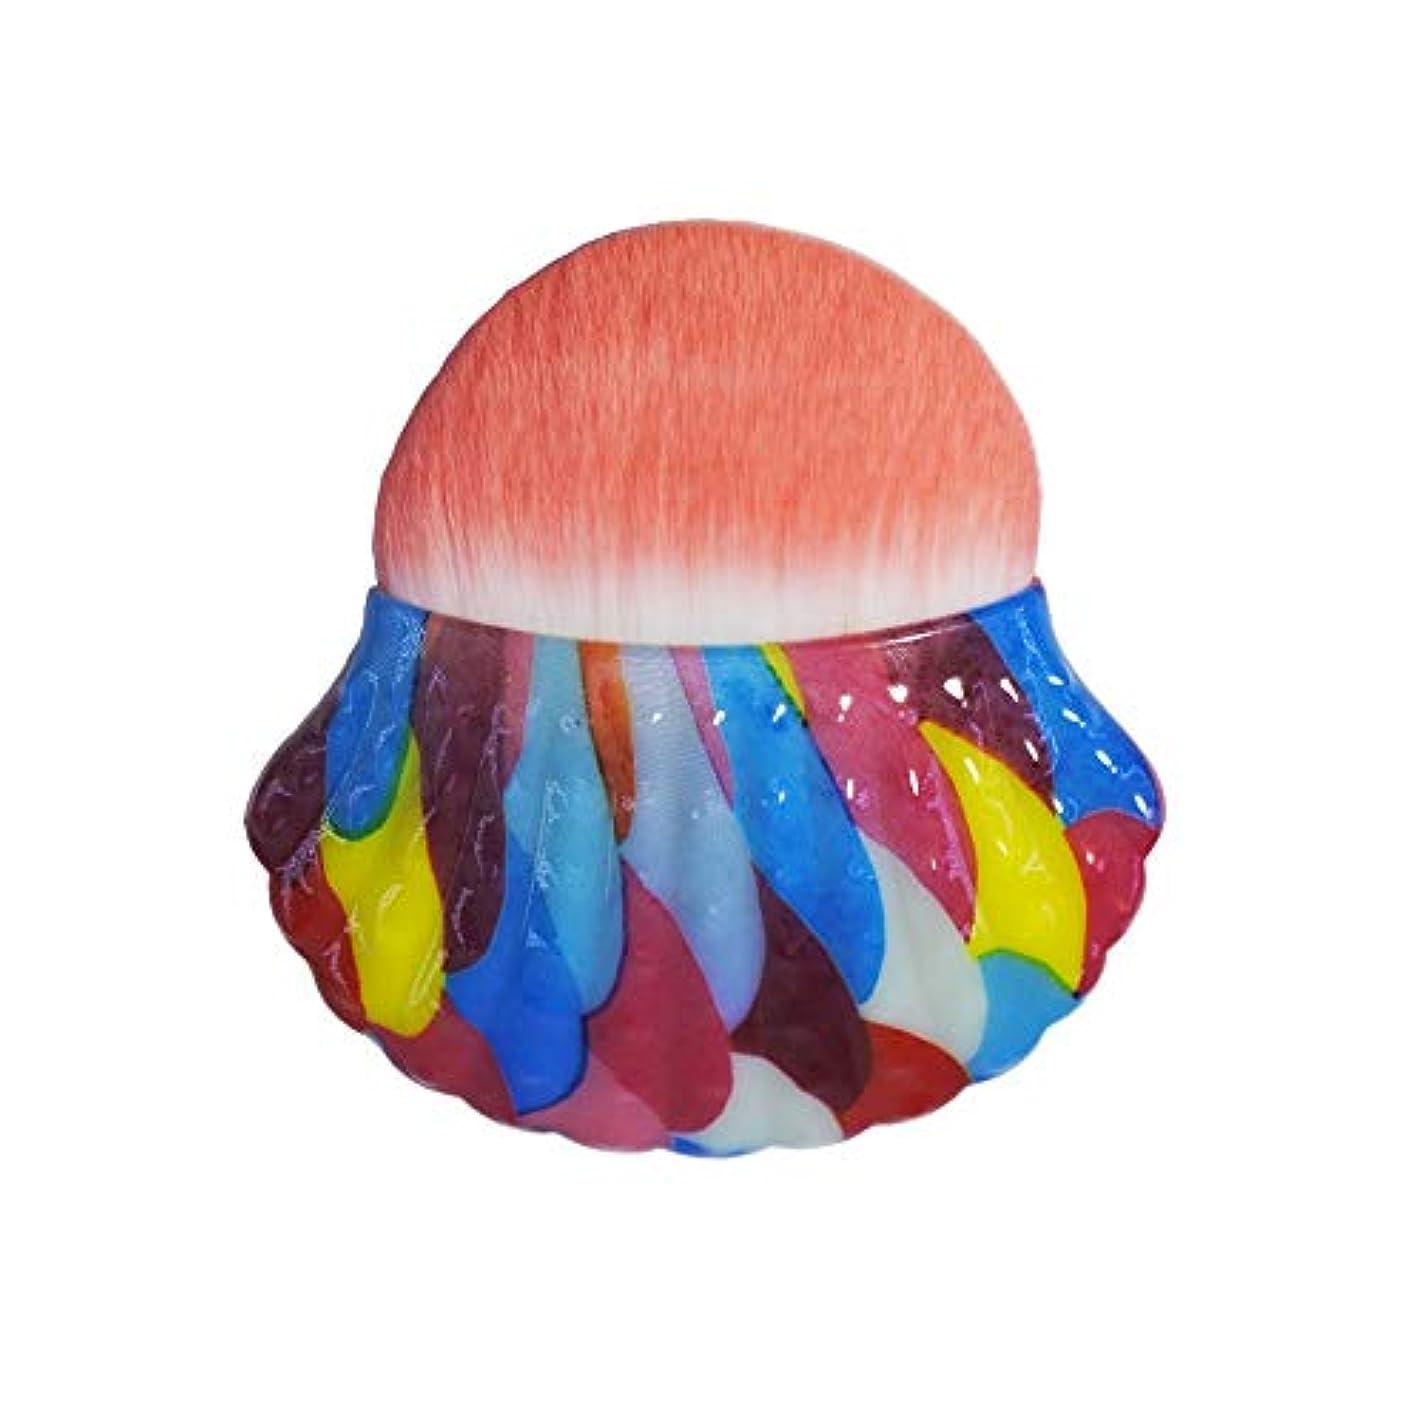 雰囲気世紀晴れMakeup brushes 色、独占シェルタイプブラッシュブラシ美容メイクブラシツールポータブル多機能メイクブラシ suits (Color : Rainbow)